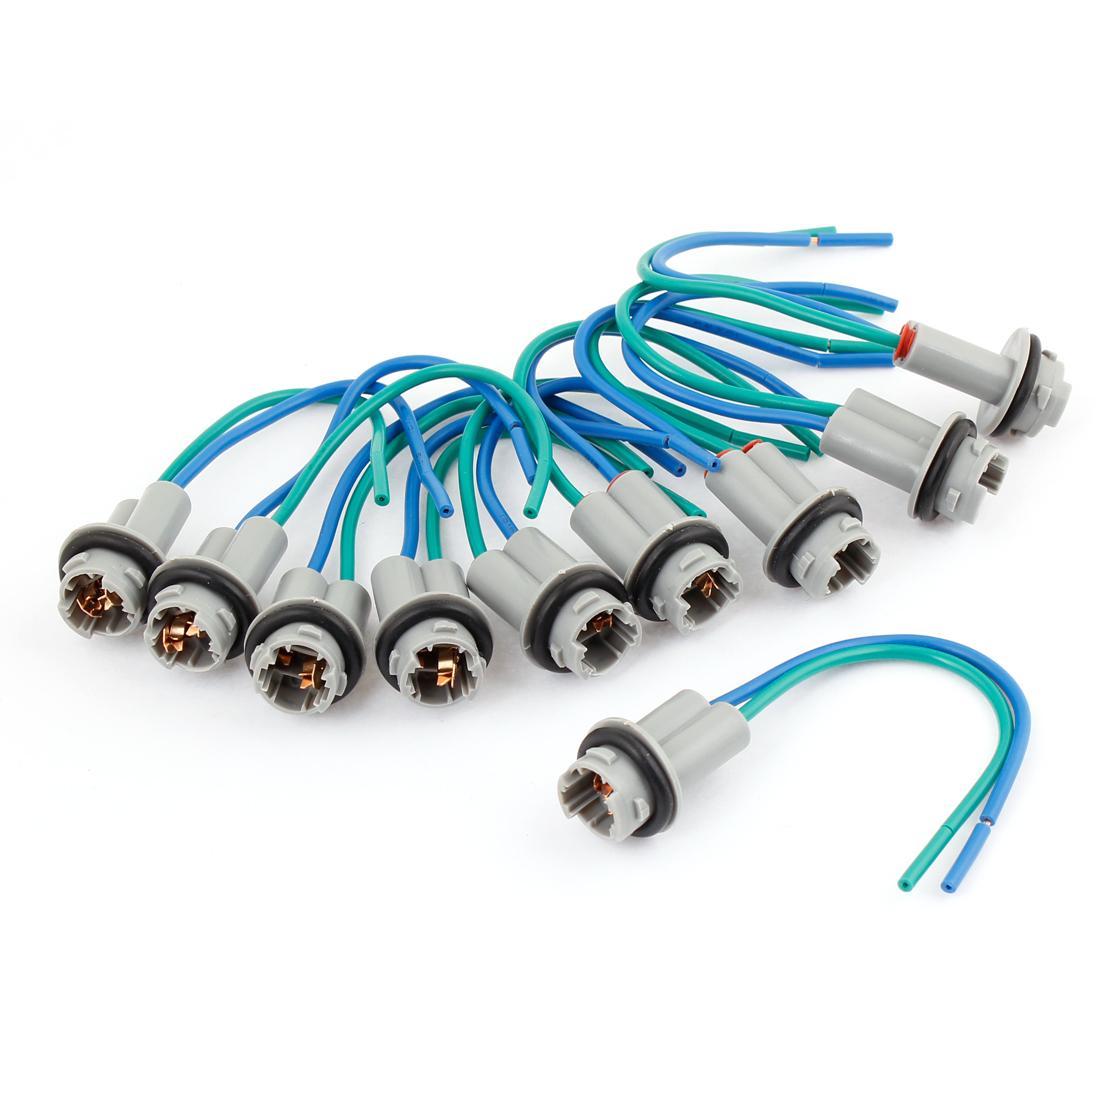 T10 W5W 194 168 Car Waterproof Light Pre-wired Wiring Socket Gray 10 Pcs